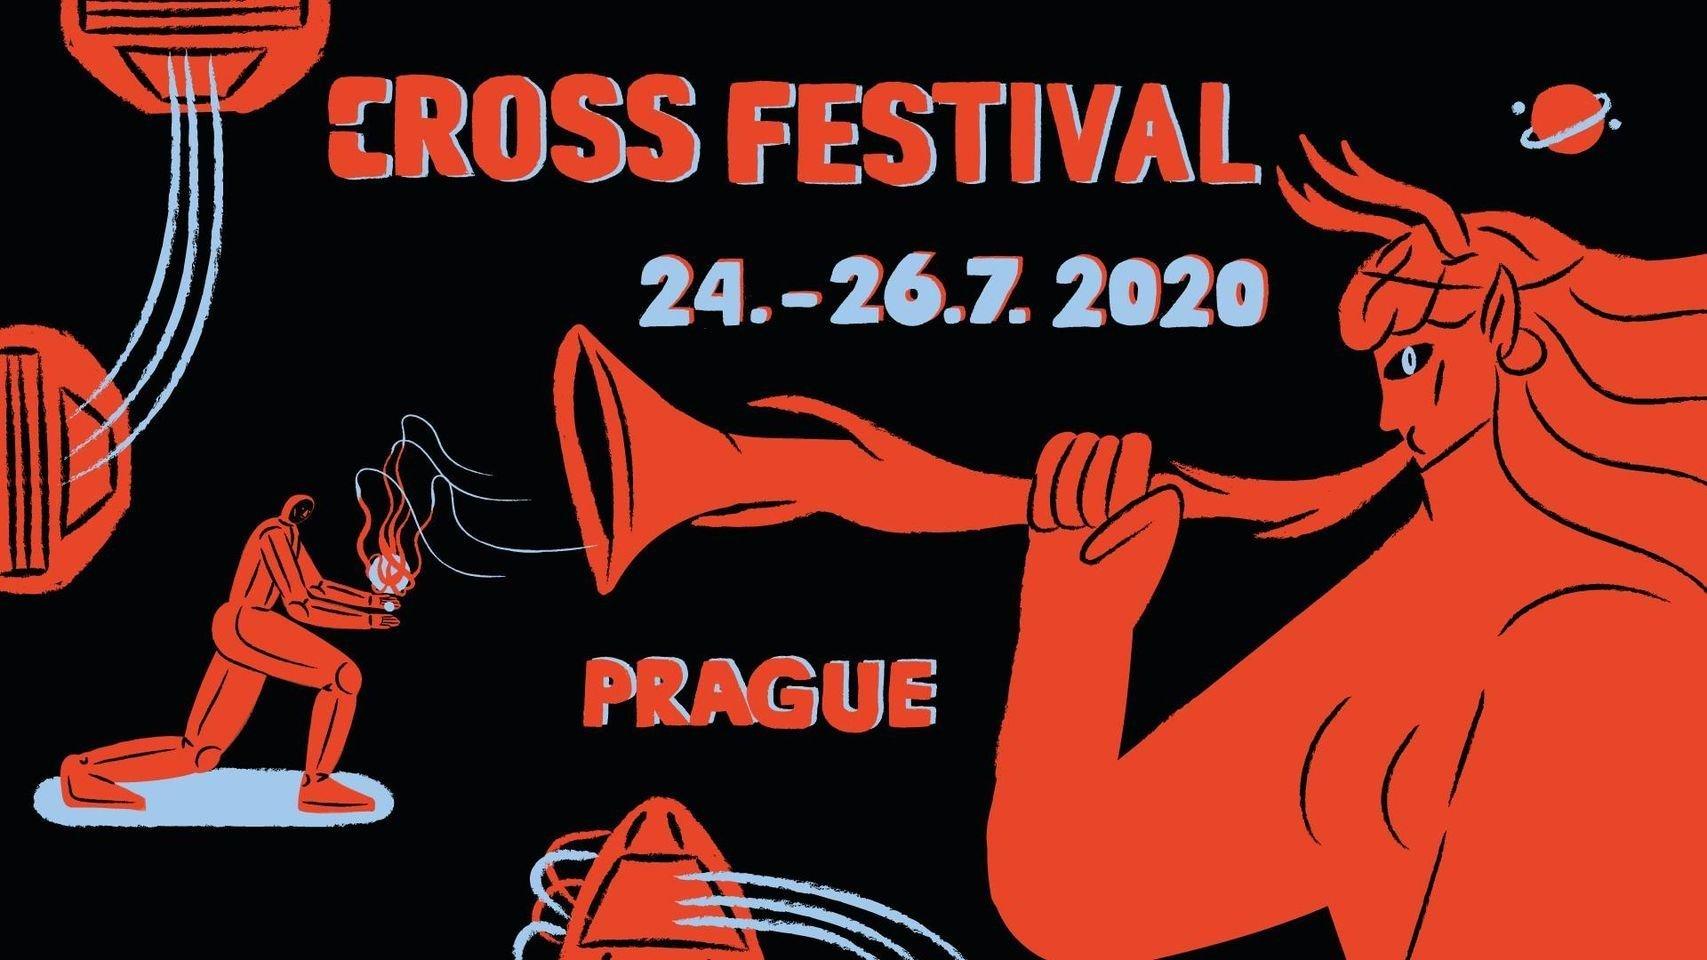 Cross Festival 2021 Prague